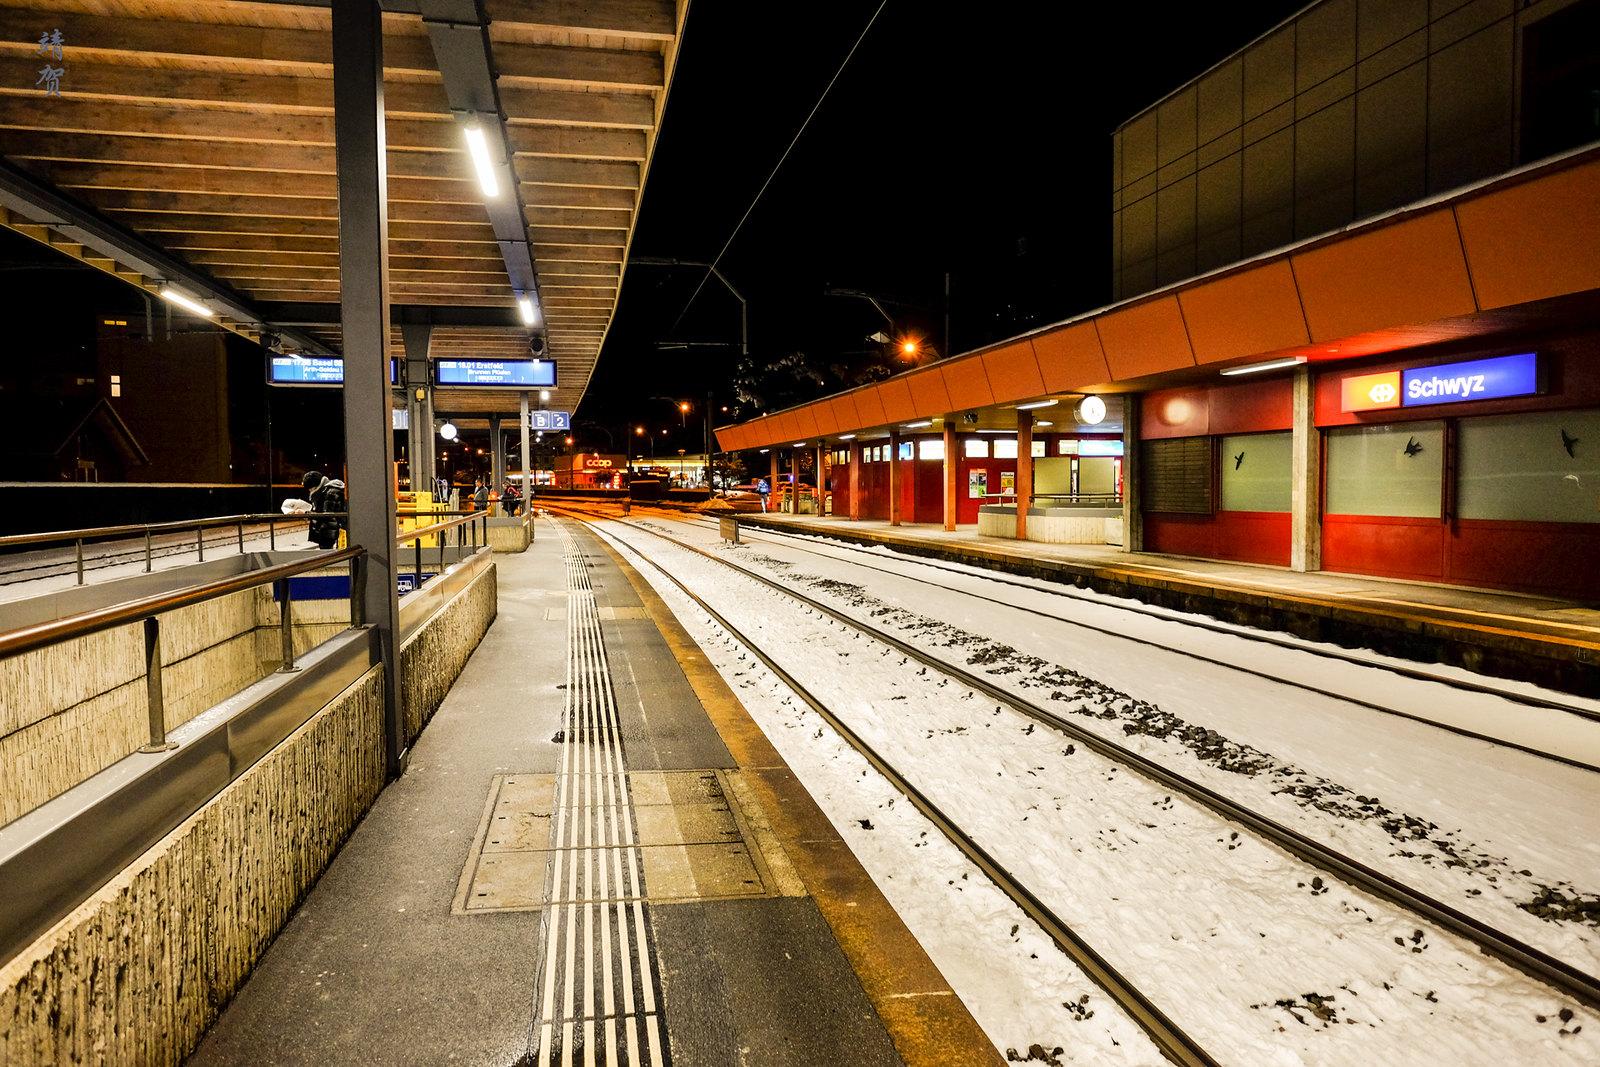 Schwyz railway station